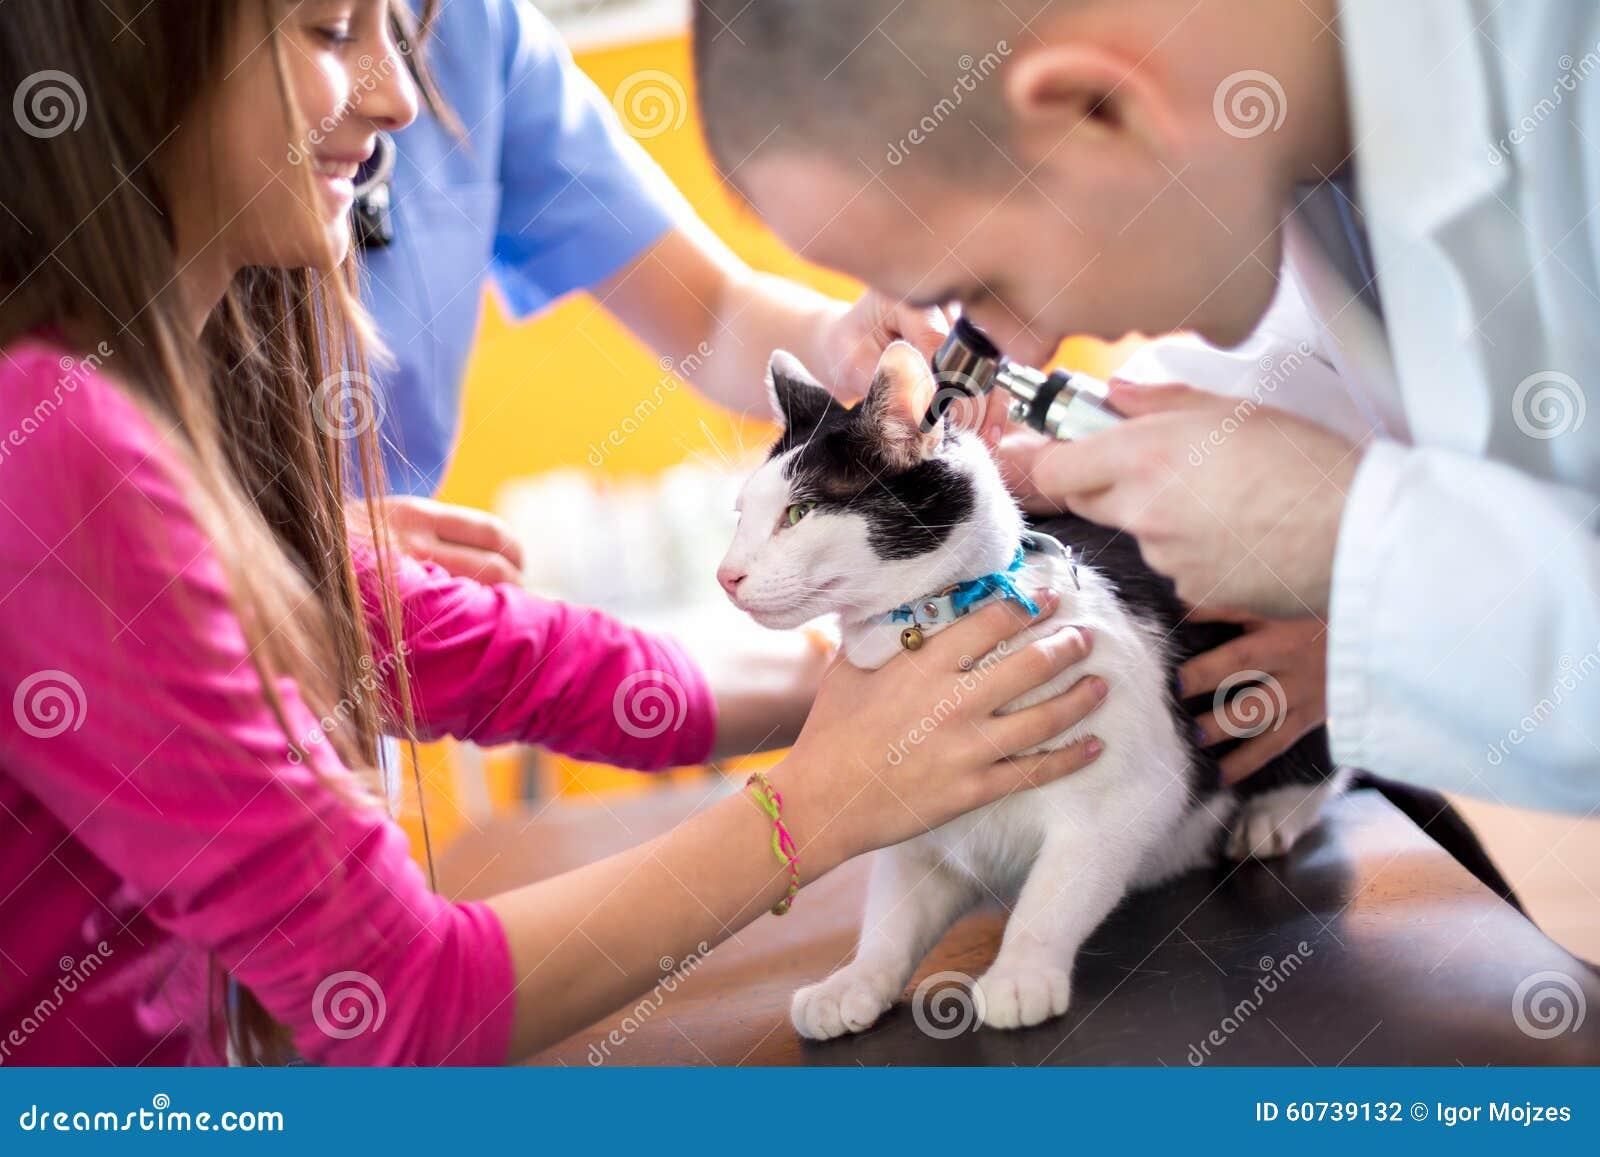 Κτηνίατρος που εξετάζει την ακρόαση της γάτας στον κτηνίατρο κινούμενο